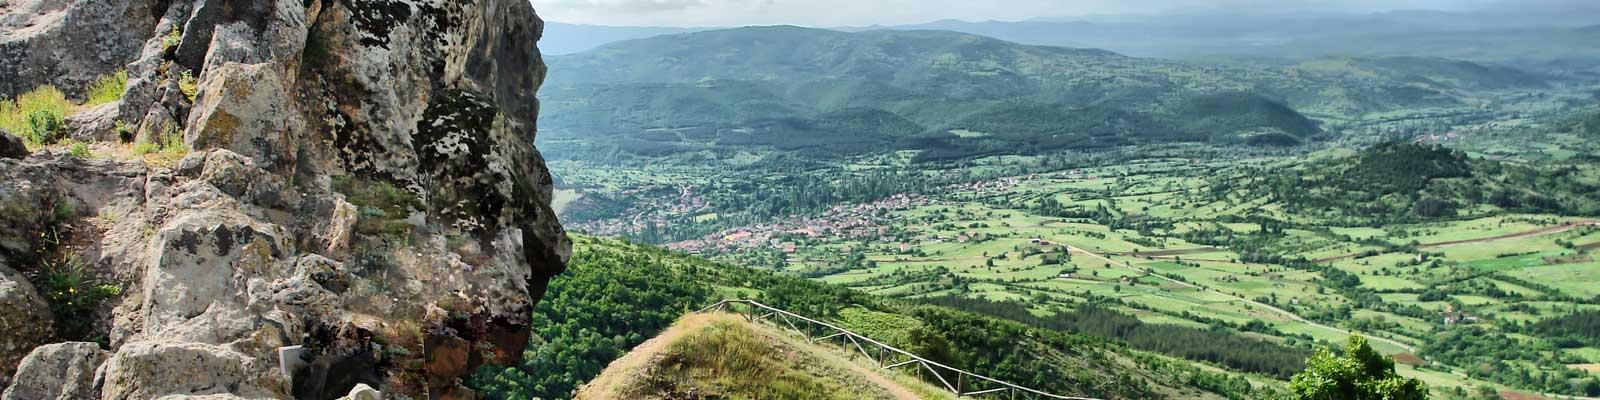 Panama Privatimmobilien - Ferienhaus, Villa, Bauernhaus